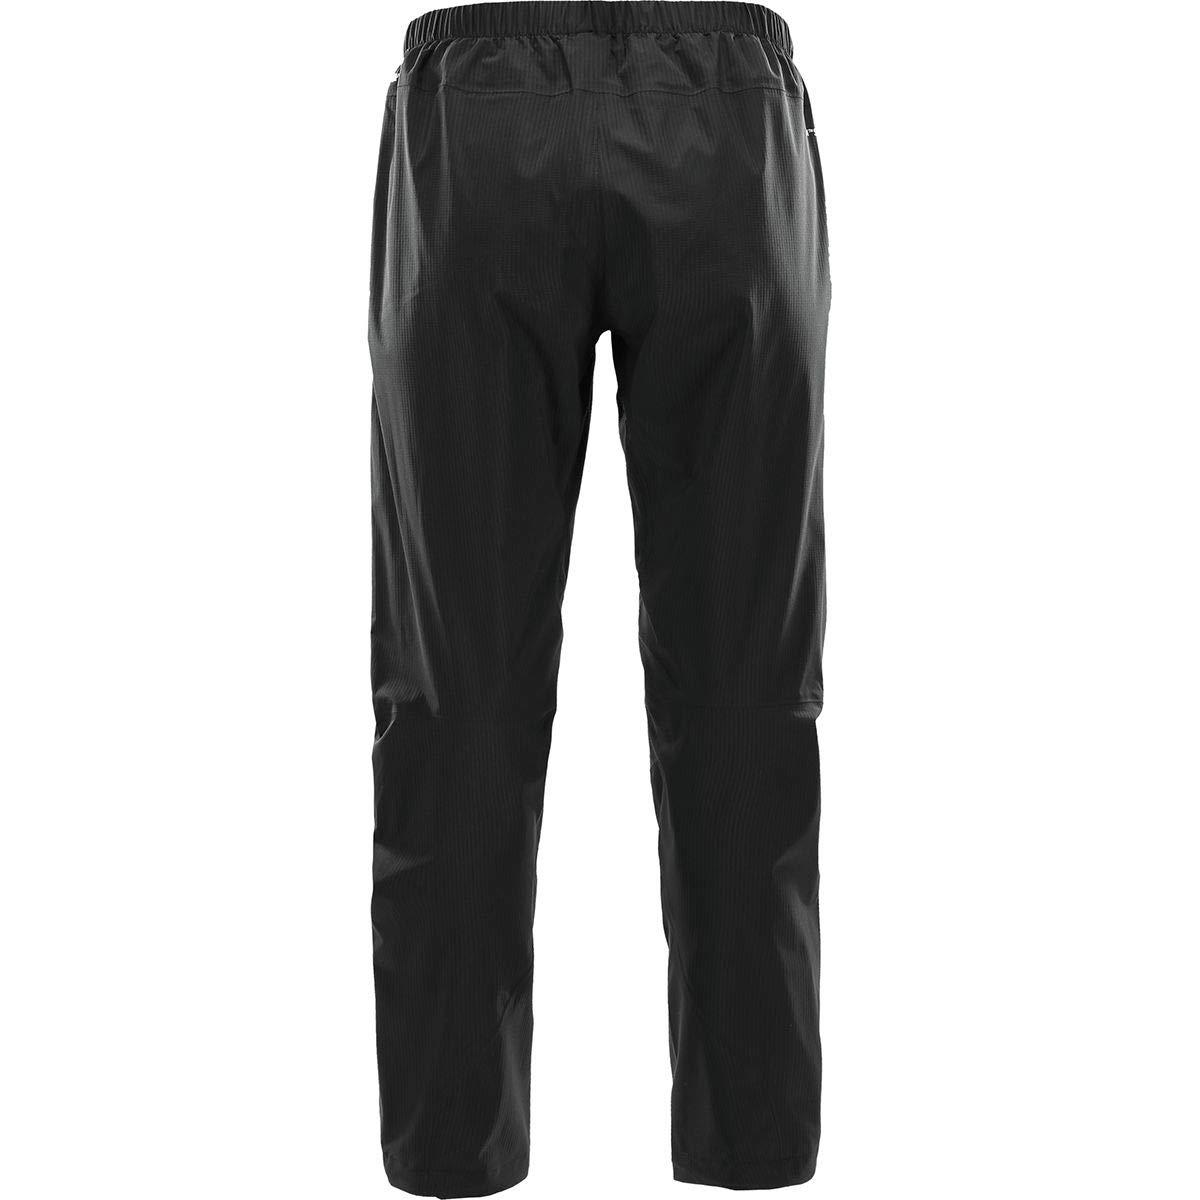 SS19 Haglofs L.I.M Proof Womens Pants